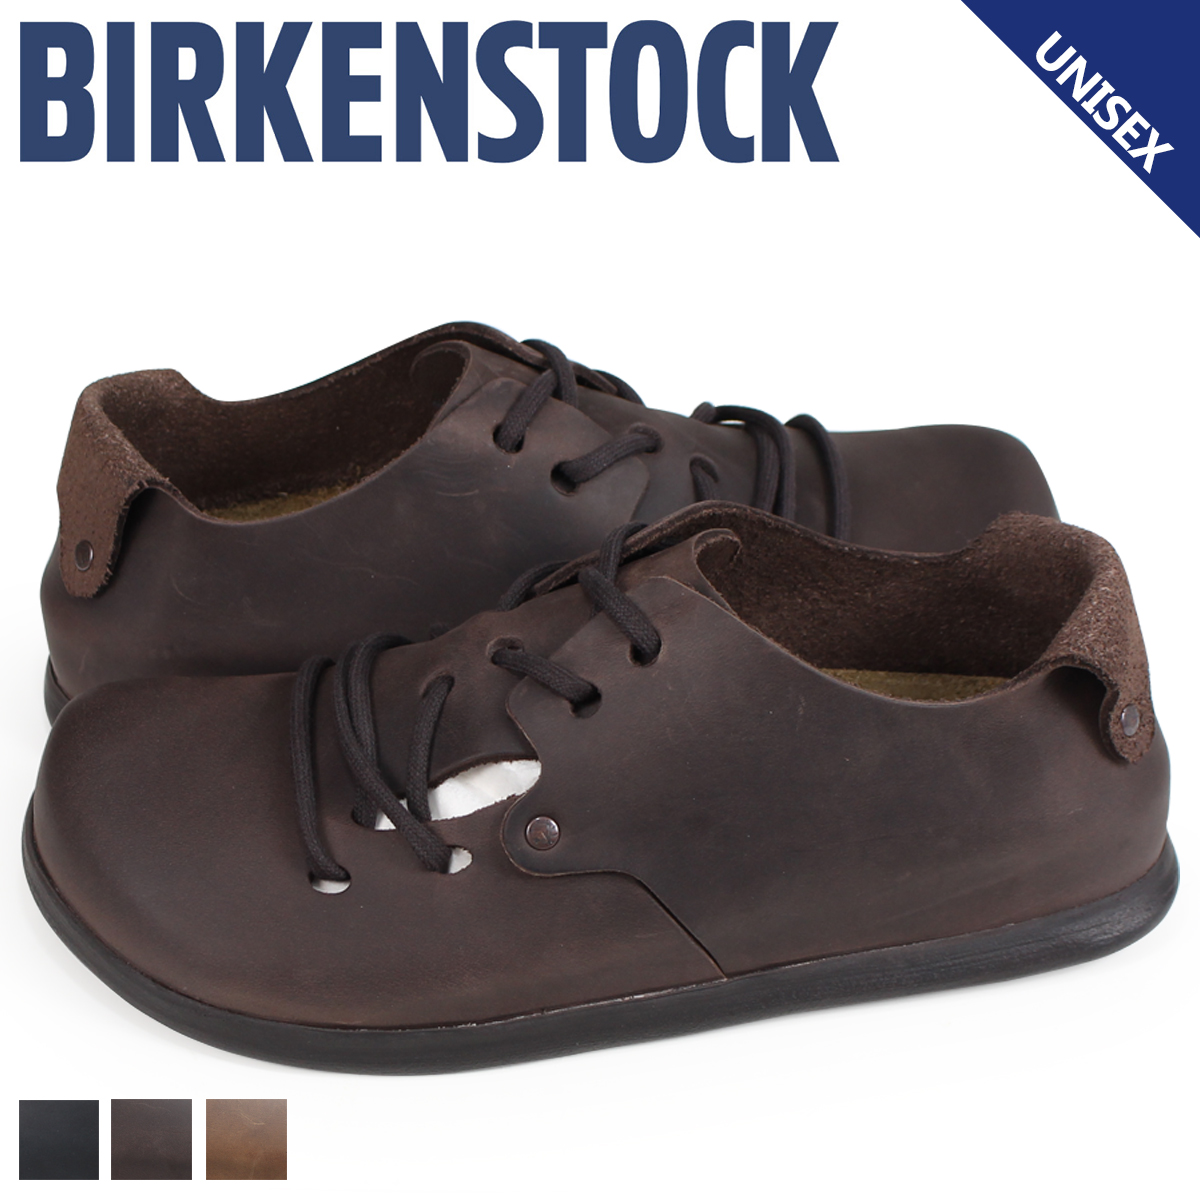 BIRKENSTOCK モンタナ メンズ レディース ビルケンシュトック MONTANA ビルケン ブーツ シューズ 細幅 普通幅 [9/19 新入荷]